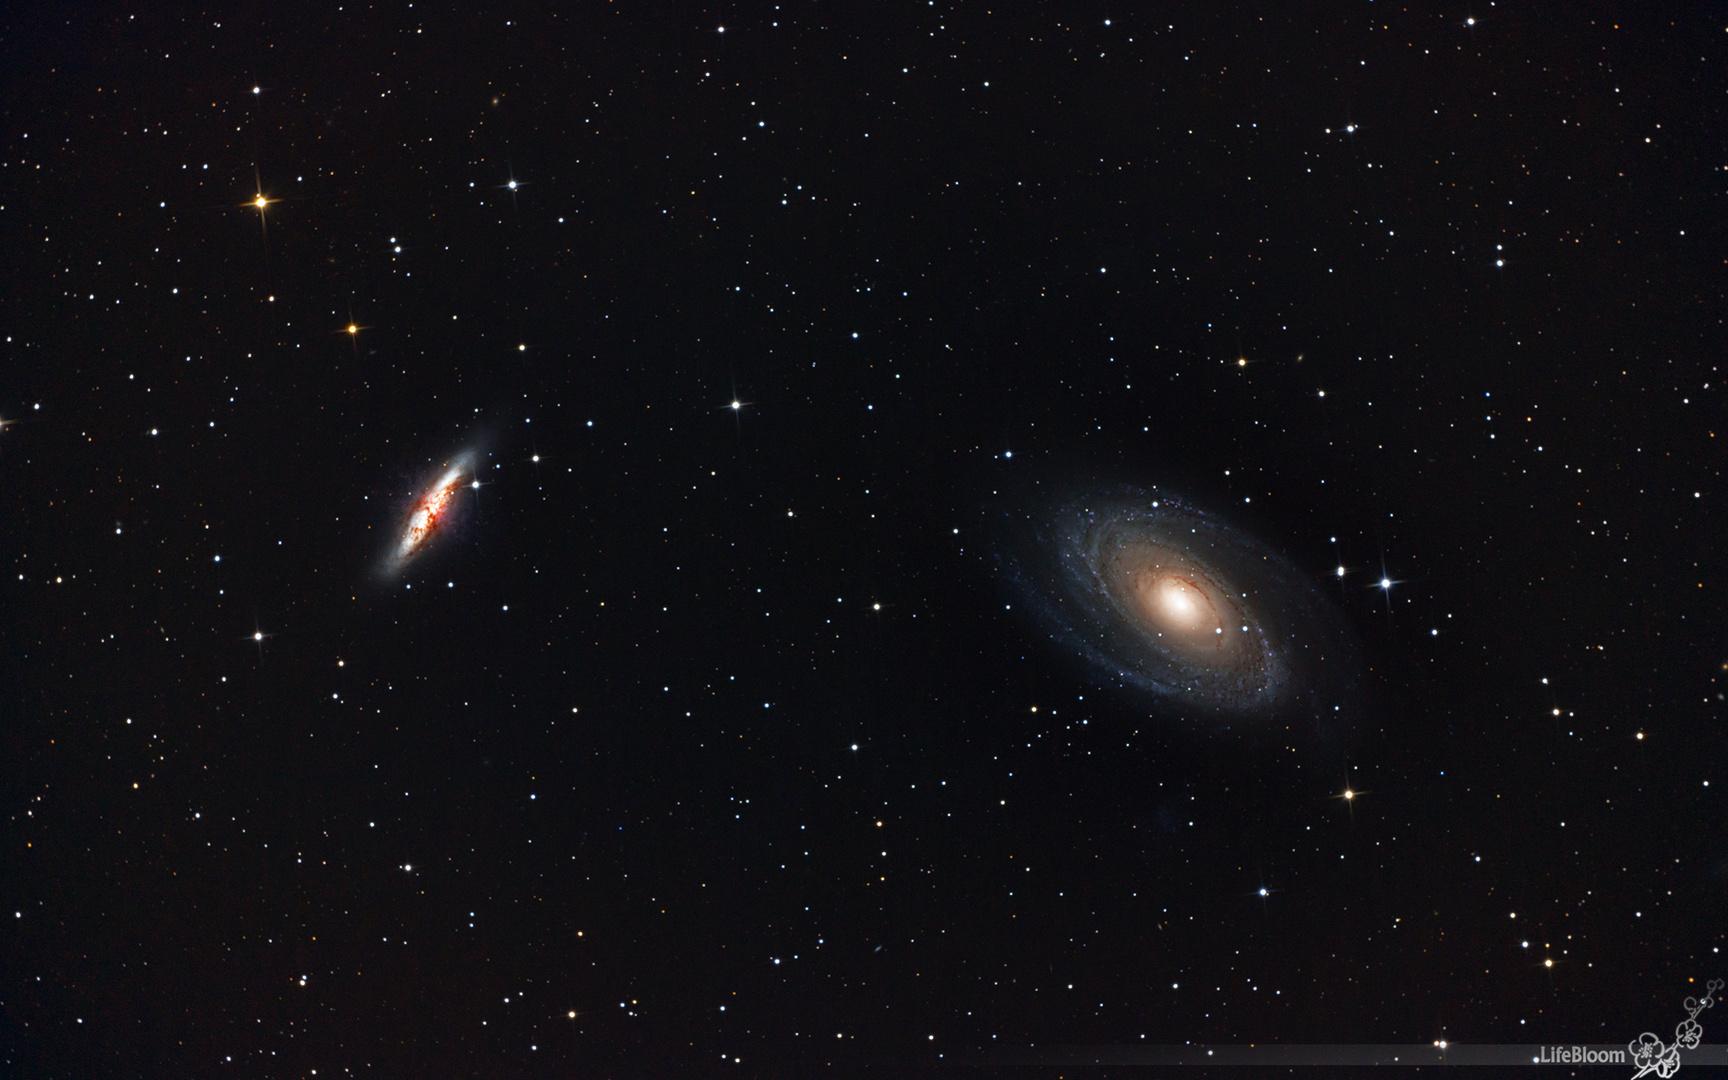 M81 & M82 - Das Galaxienpaar im Sternbild Großer Bär